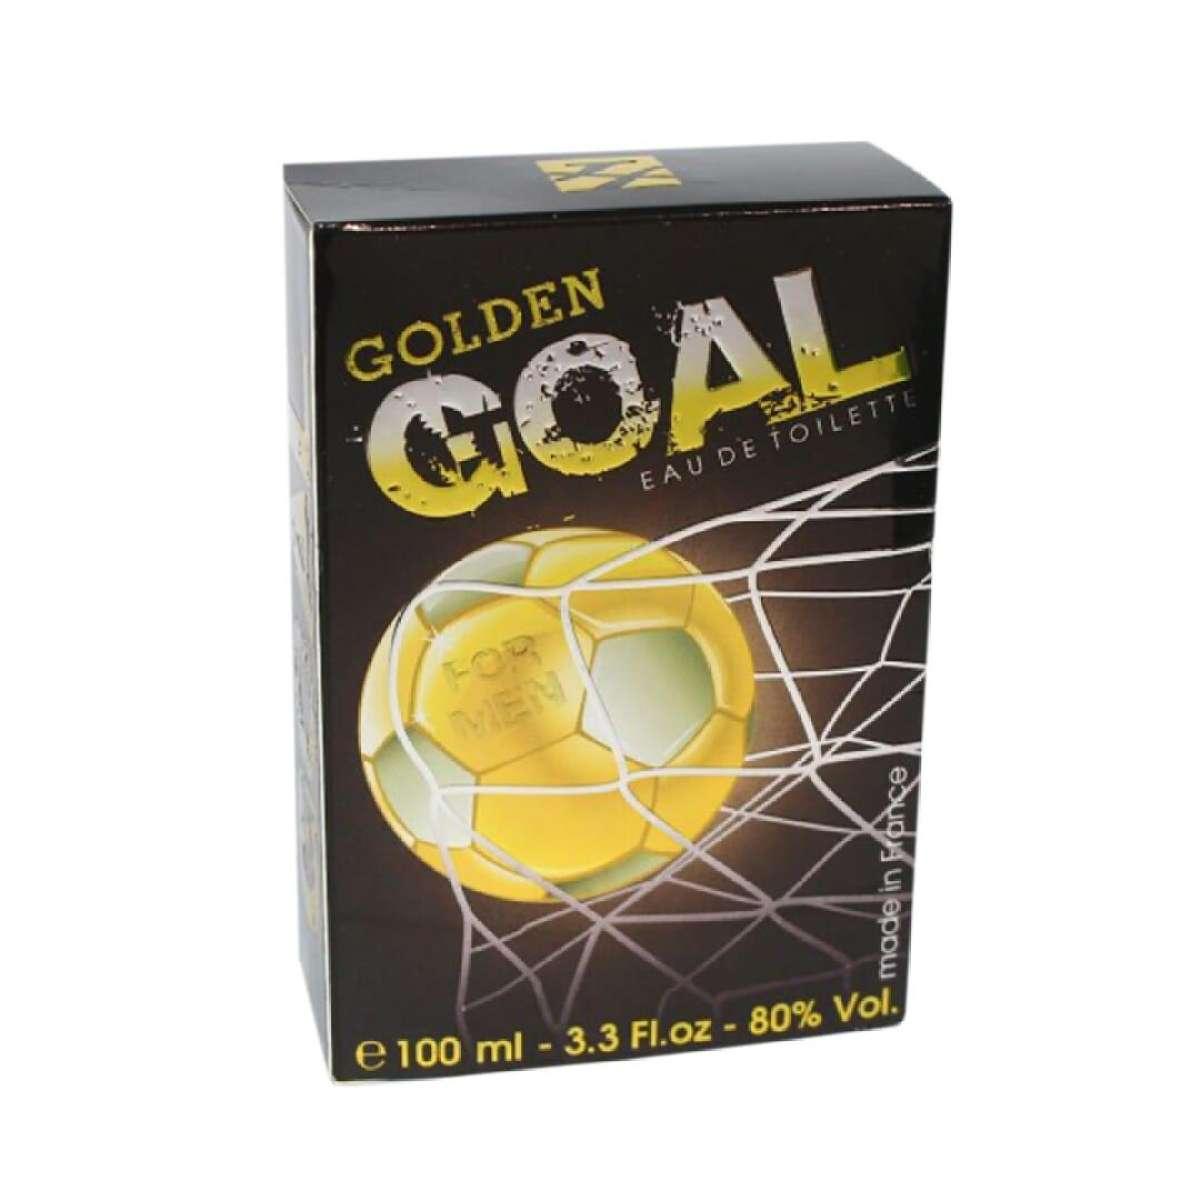 Golden Goal Perfume For Men - 100 Ml - Made In France